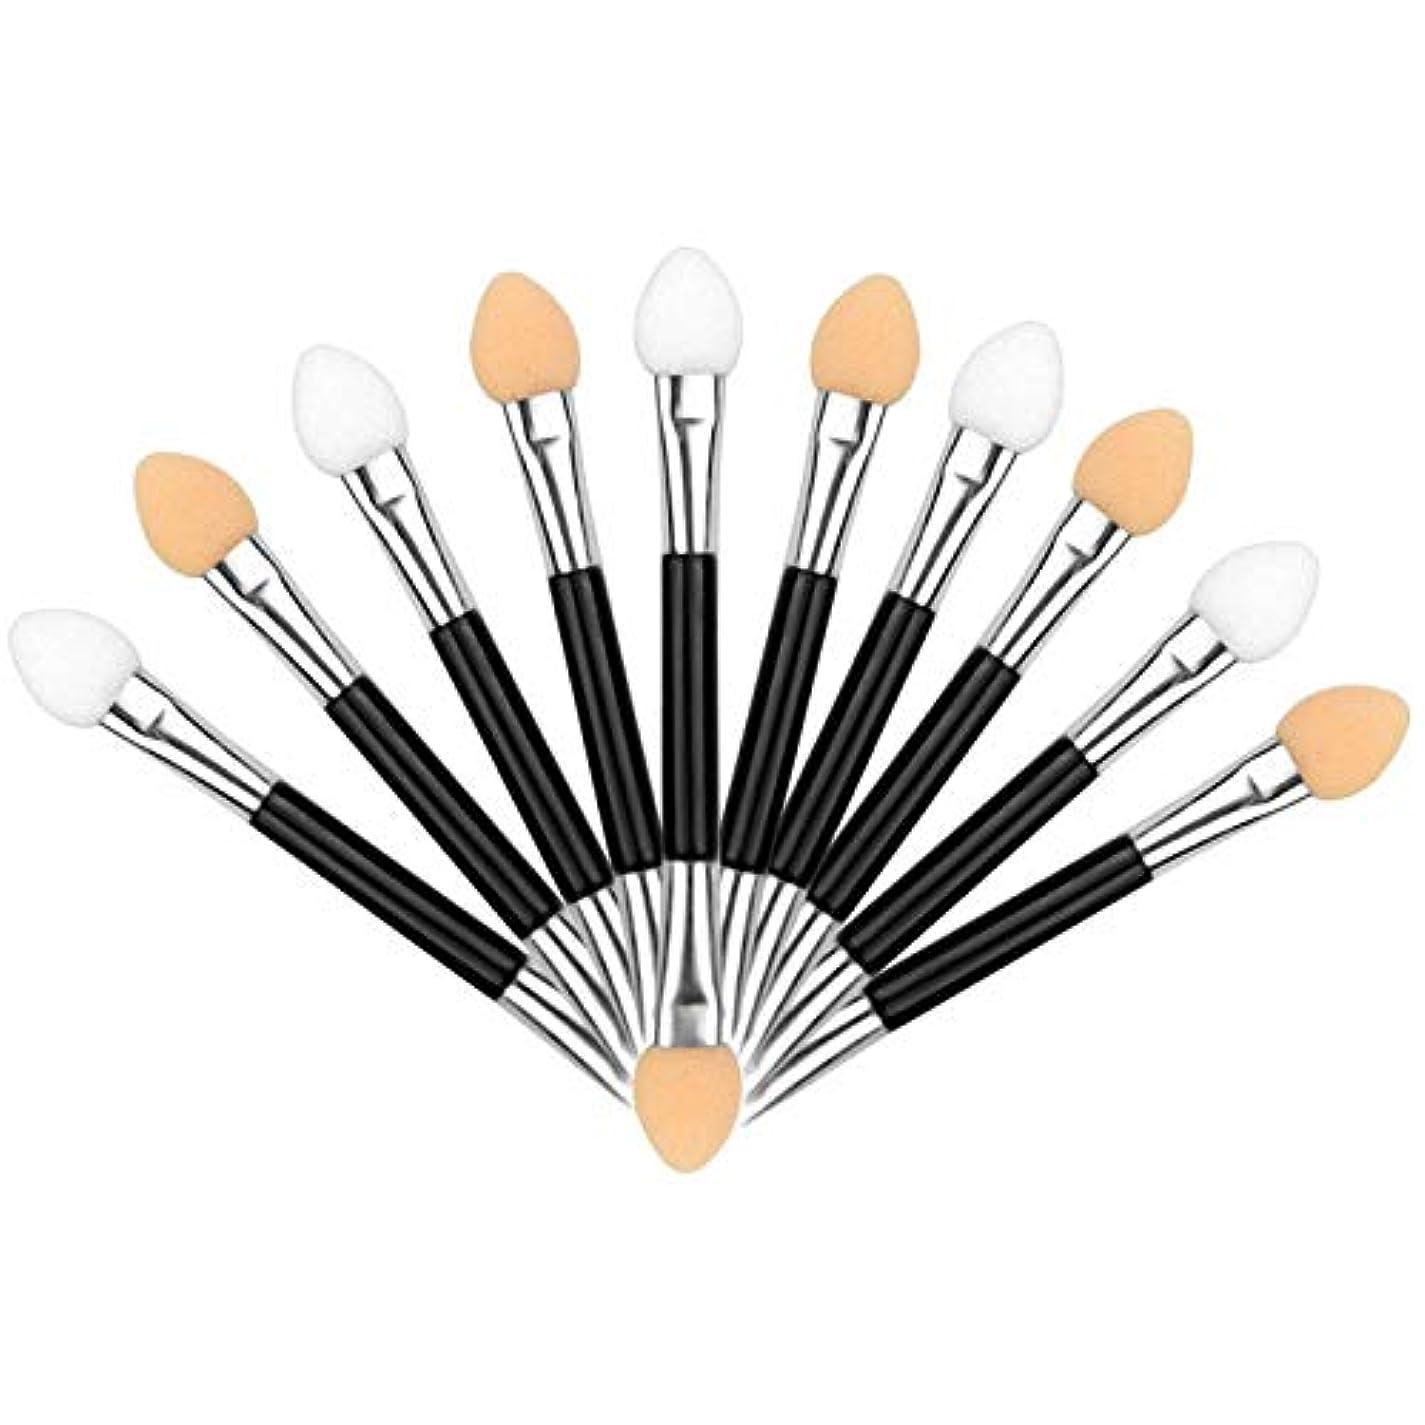 アイシャドウブラシ 10本ダブル 化粧ツール アイシャドウスポンジ シリコンチップ 人気 化粧筆 ダブル メイクブラシ 上質なメイクブラシで魅力的な目元を